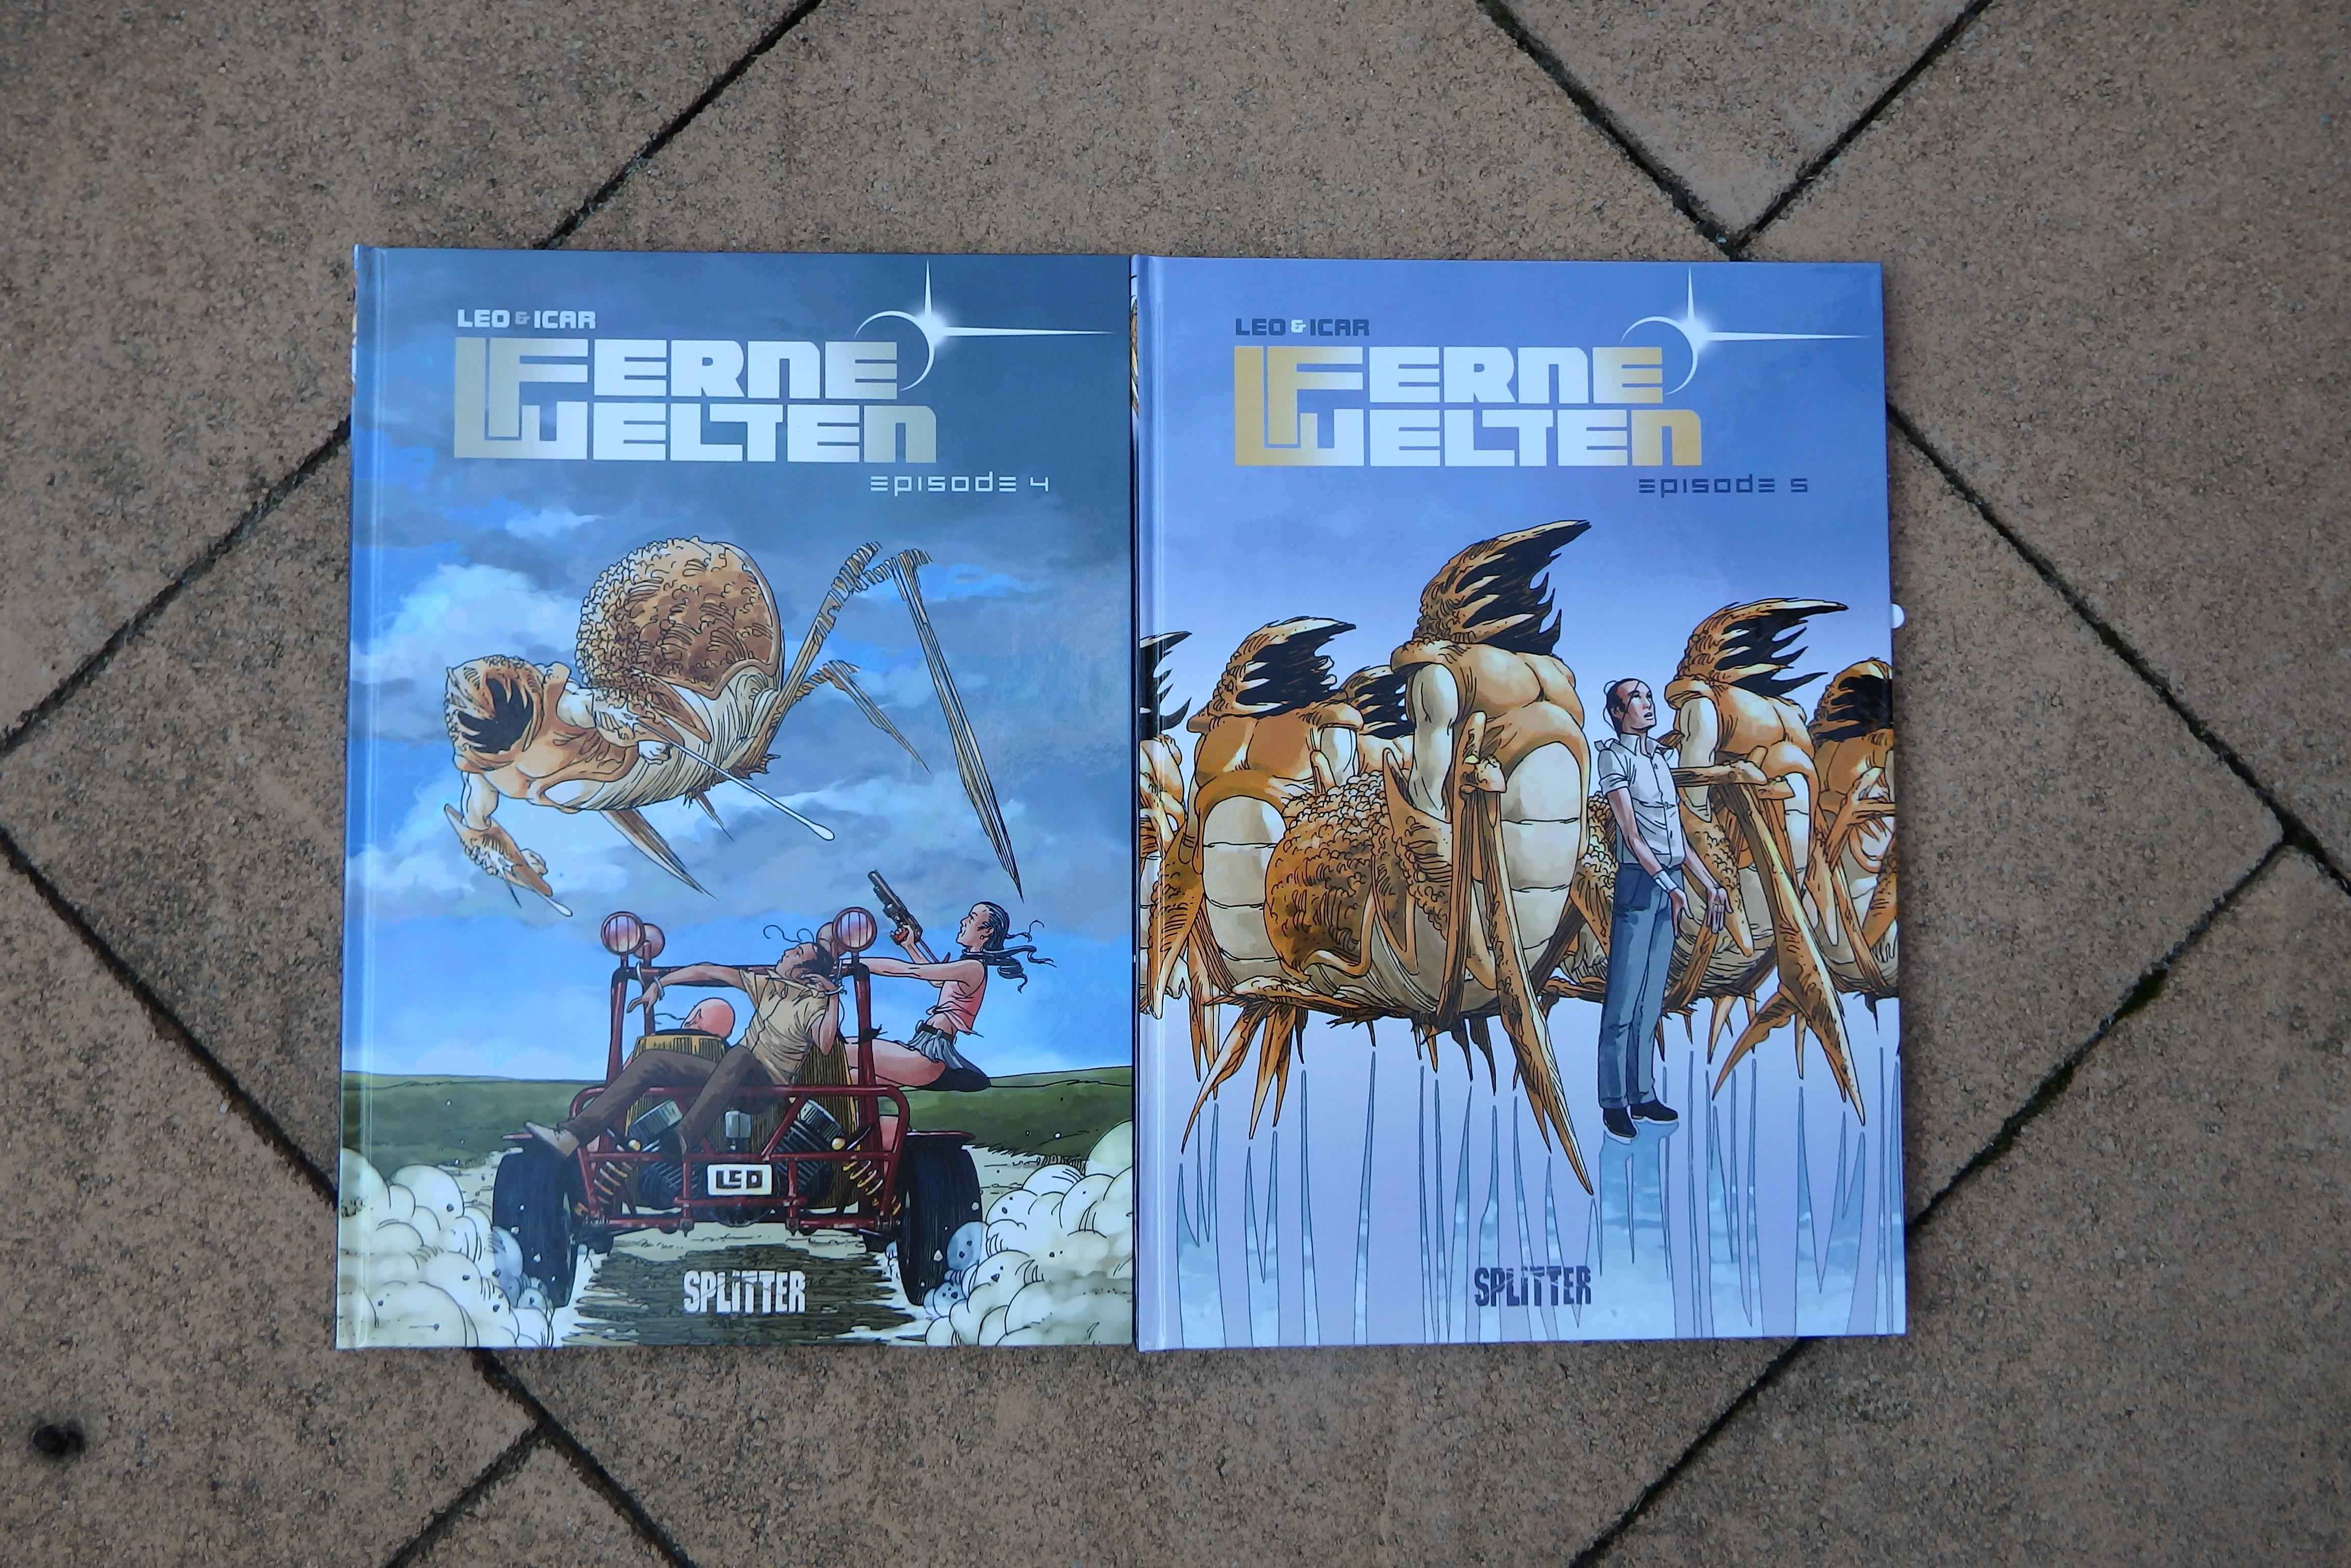 Zwei Comics auf Steinboden, auf den Covern Außerirdische, die wie große Hummer aussehen und einige Menschen